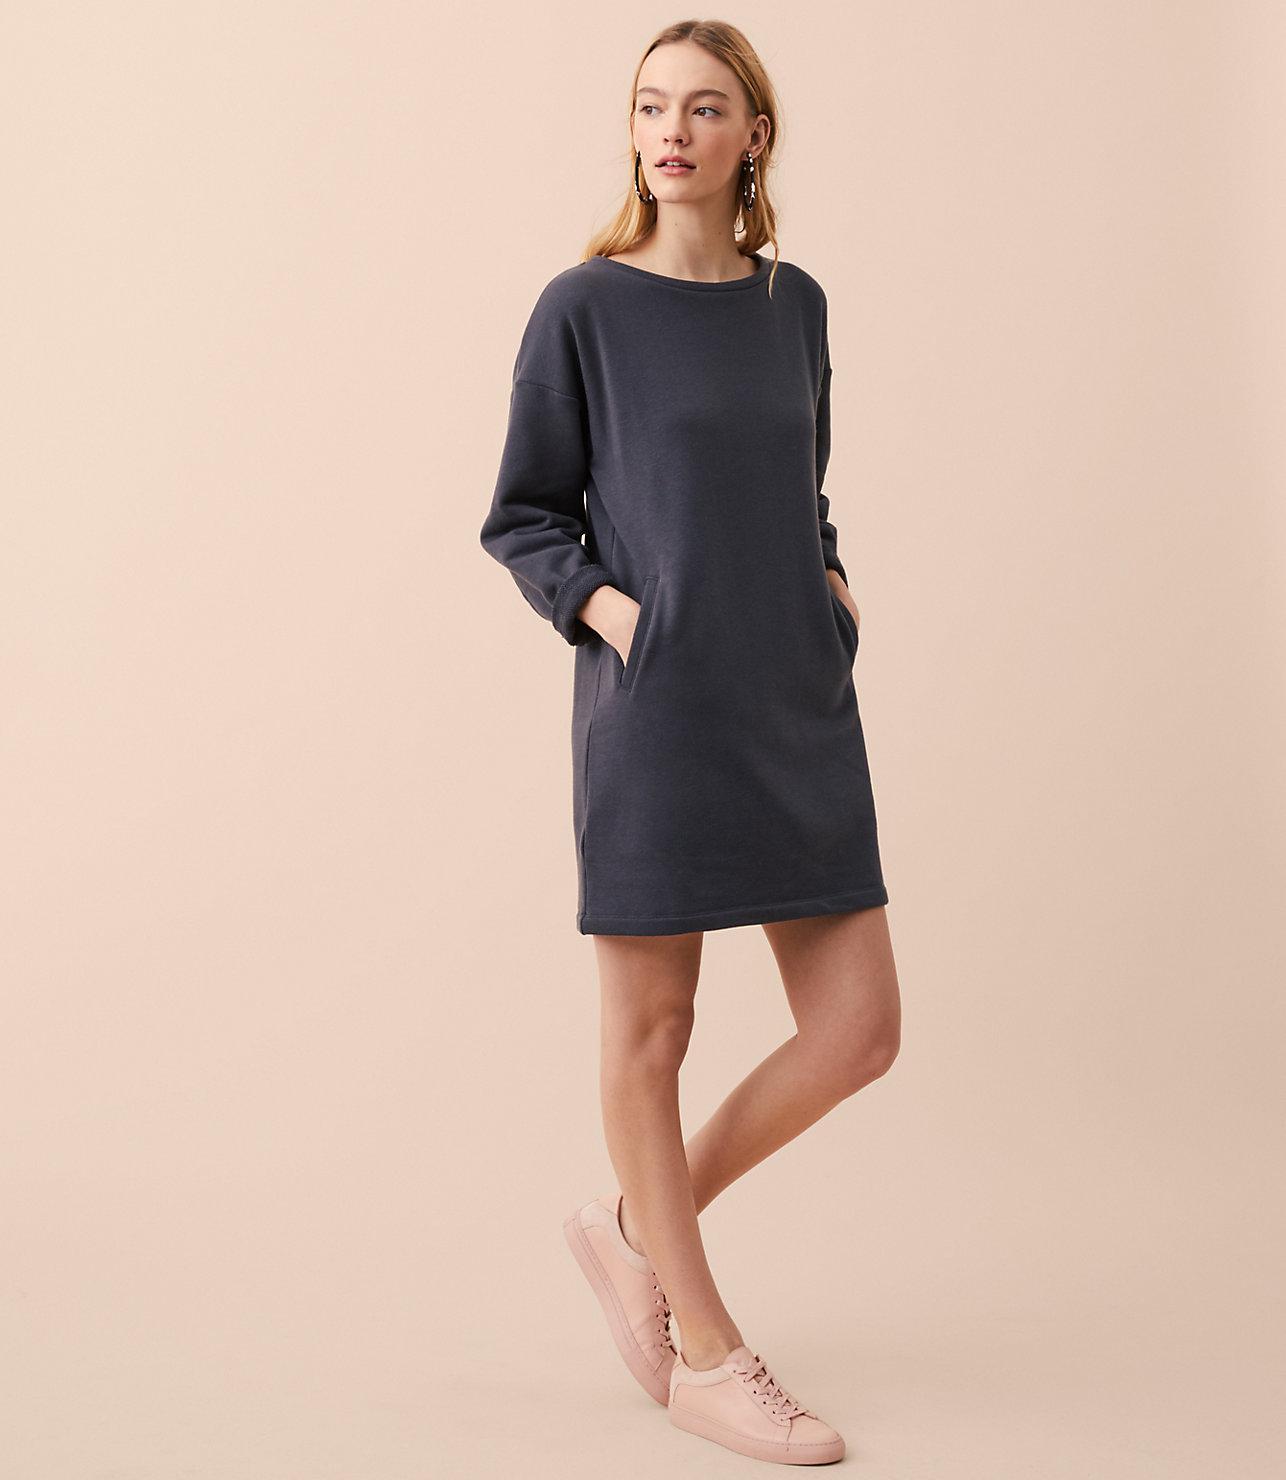 ce045ea2770 Lyst - LOFT Lou   Grey Pocket Sweatshirt Dress in Gray